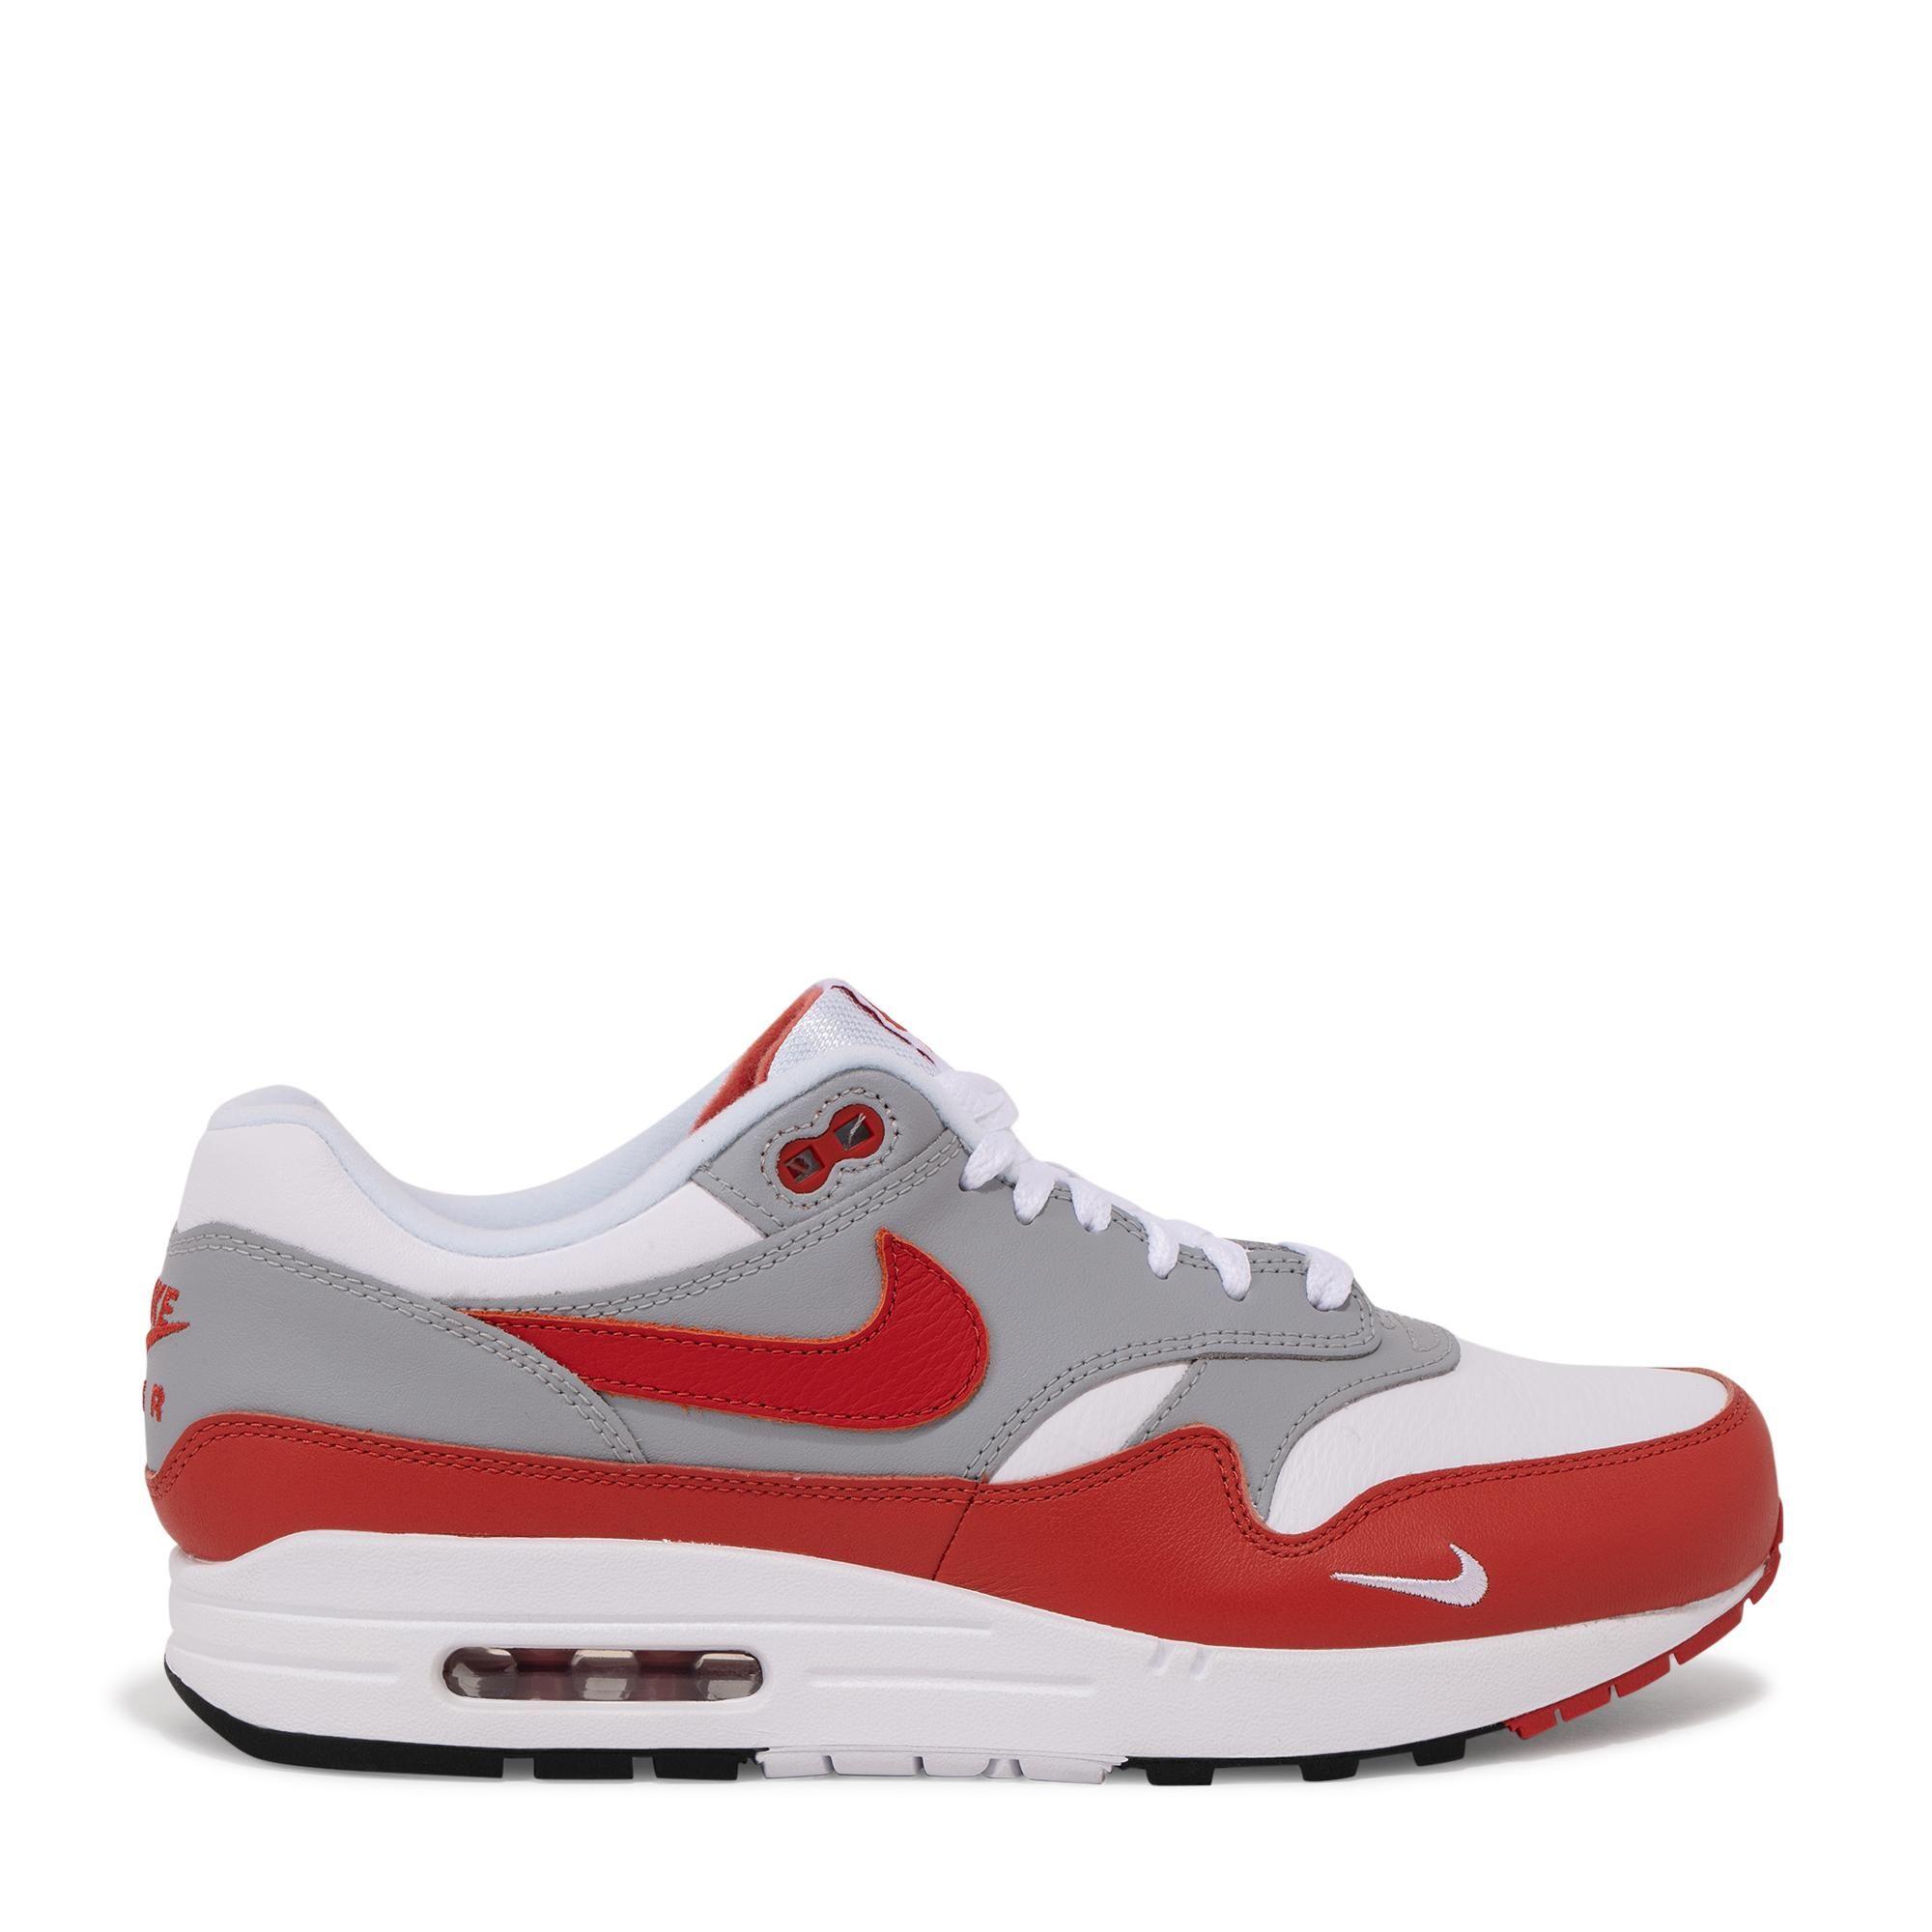 Air Max 1 LV8 sneakers